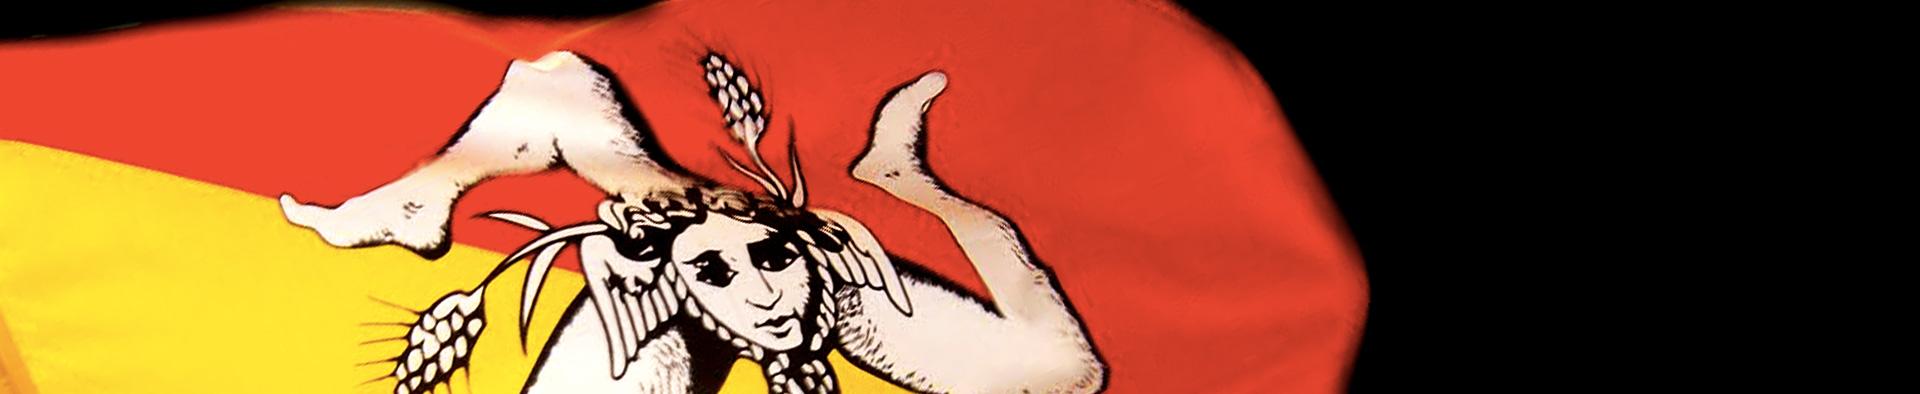 Sicily Symbol Meaning History And Mythology